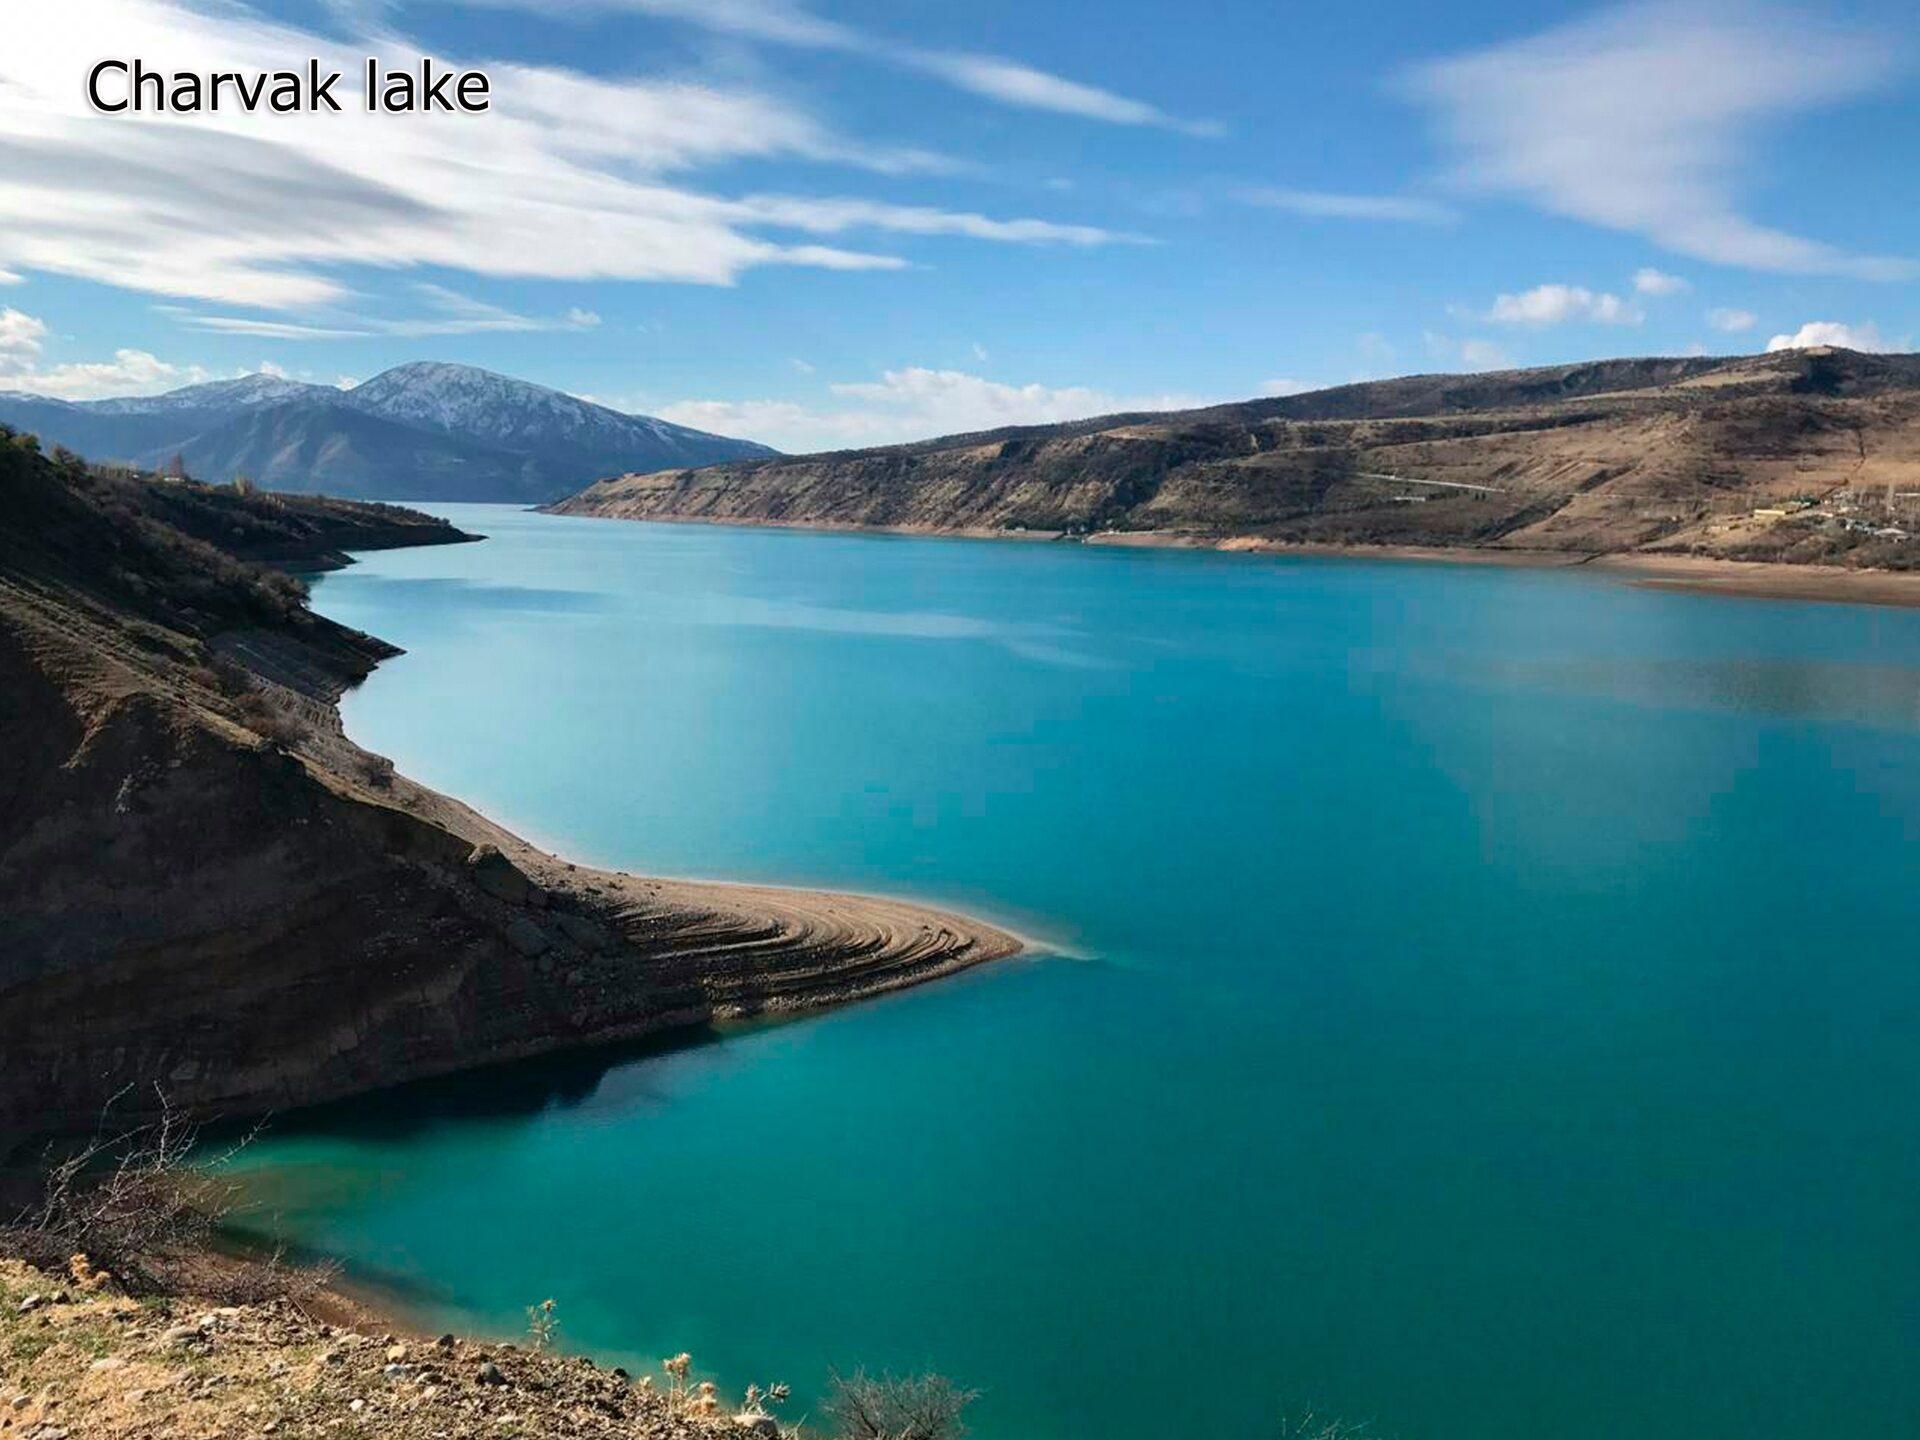 чаткальское водохранилище фото можете найти